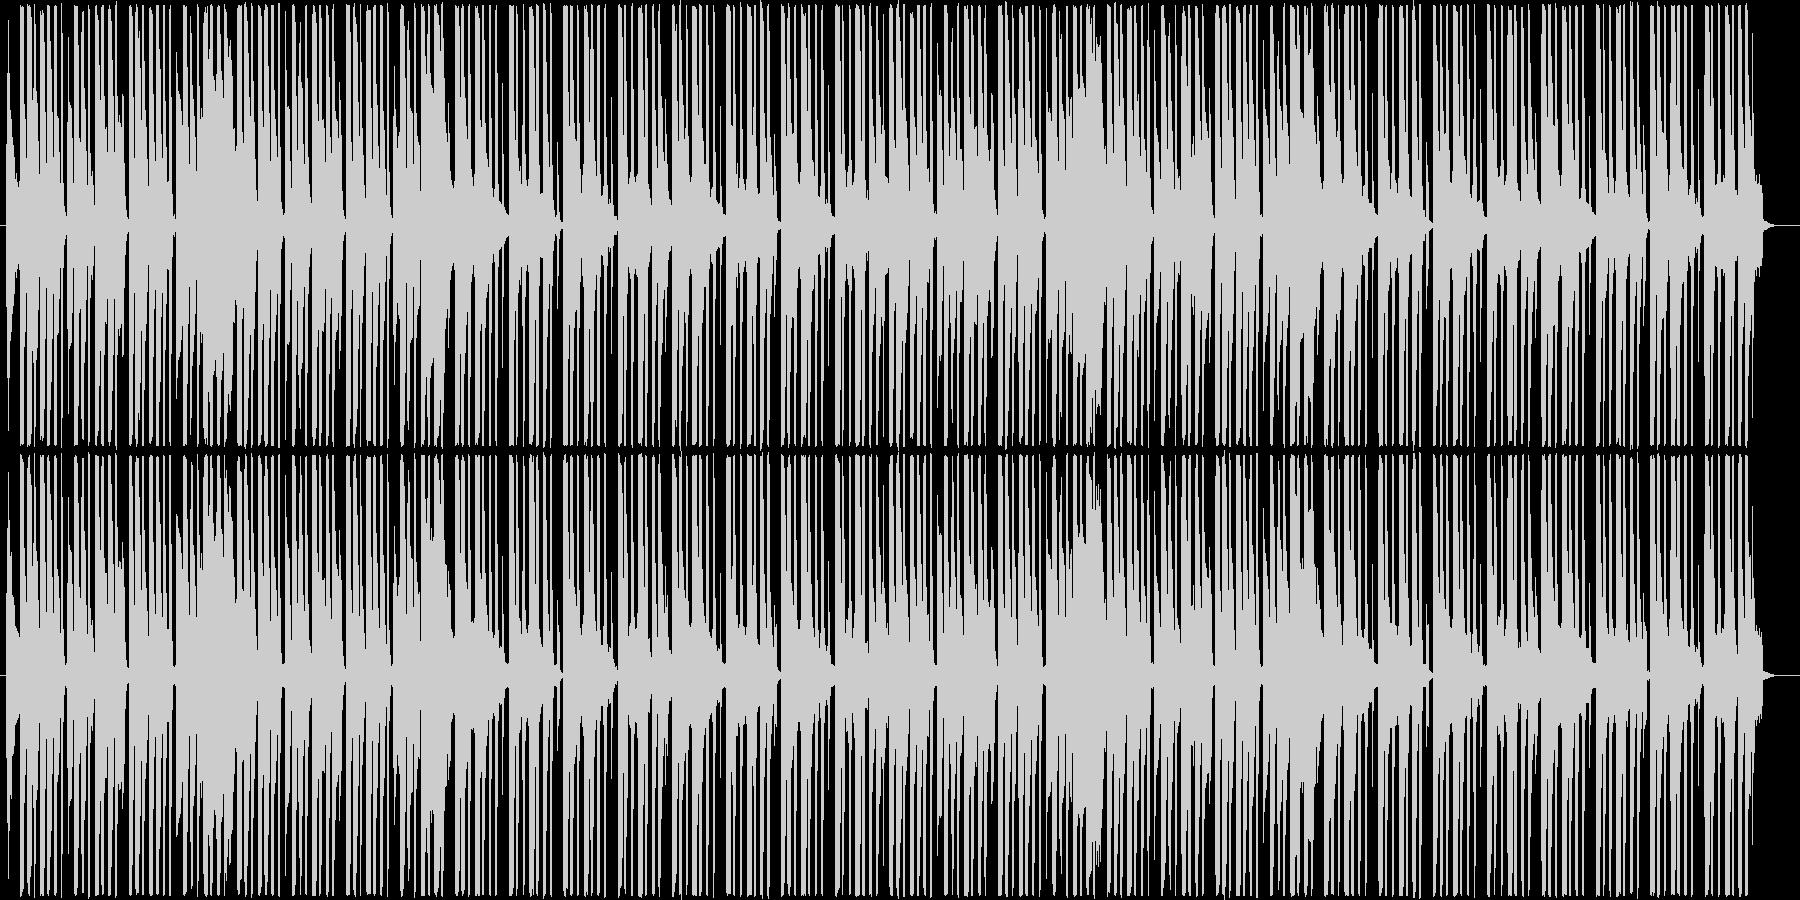 パズルゲームのスタート画面のテクノポップの未再生の波形